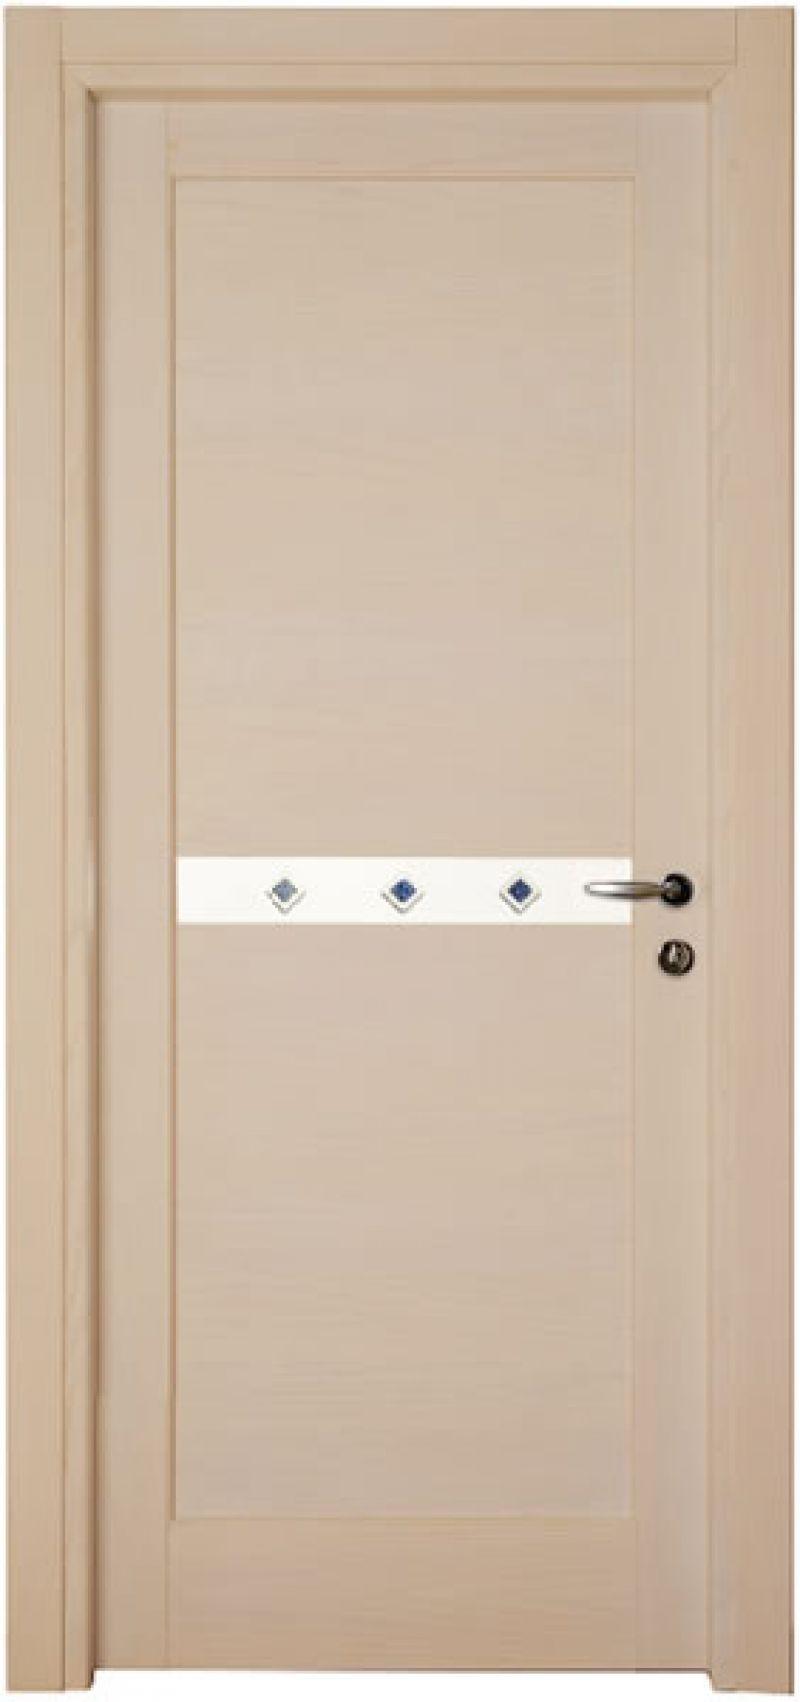 Porte in legno moderne online Vendita Porte moderne in